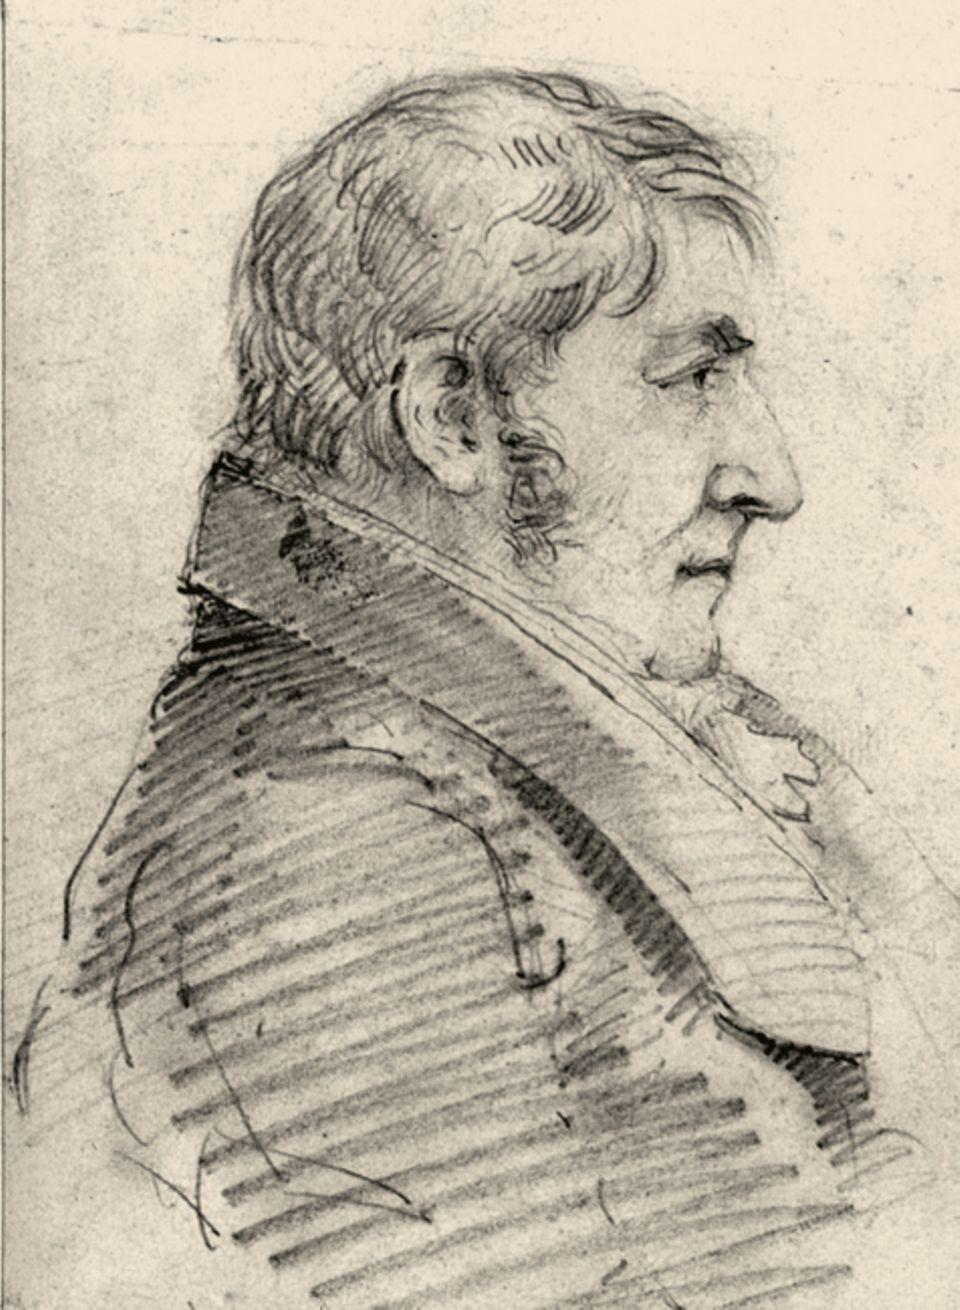 Ein Werk und seine Geschichte: William Turner: Von Kritikern wird der Malstil des Londoners als überdreht verspottet - trotzdem verdient er schon zu Lebzeiten ein Vermögen